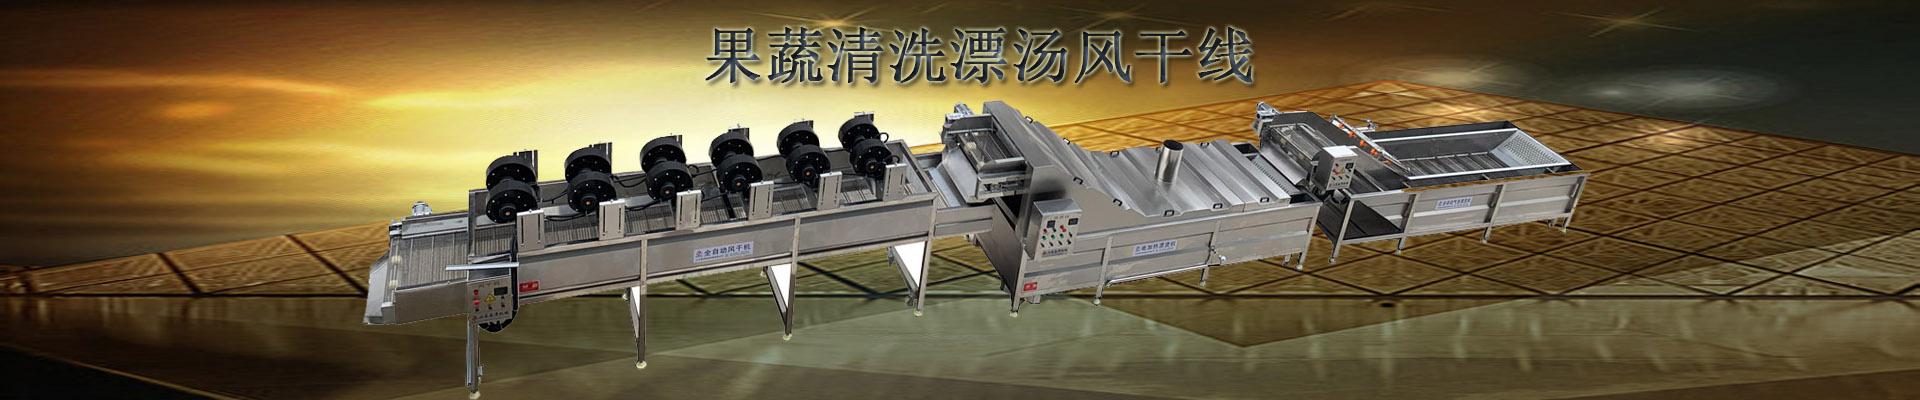 山东常青藤工业装备有限公司